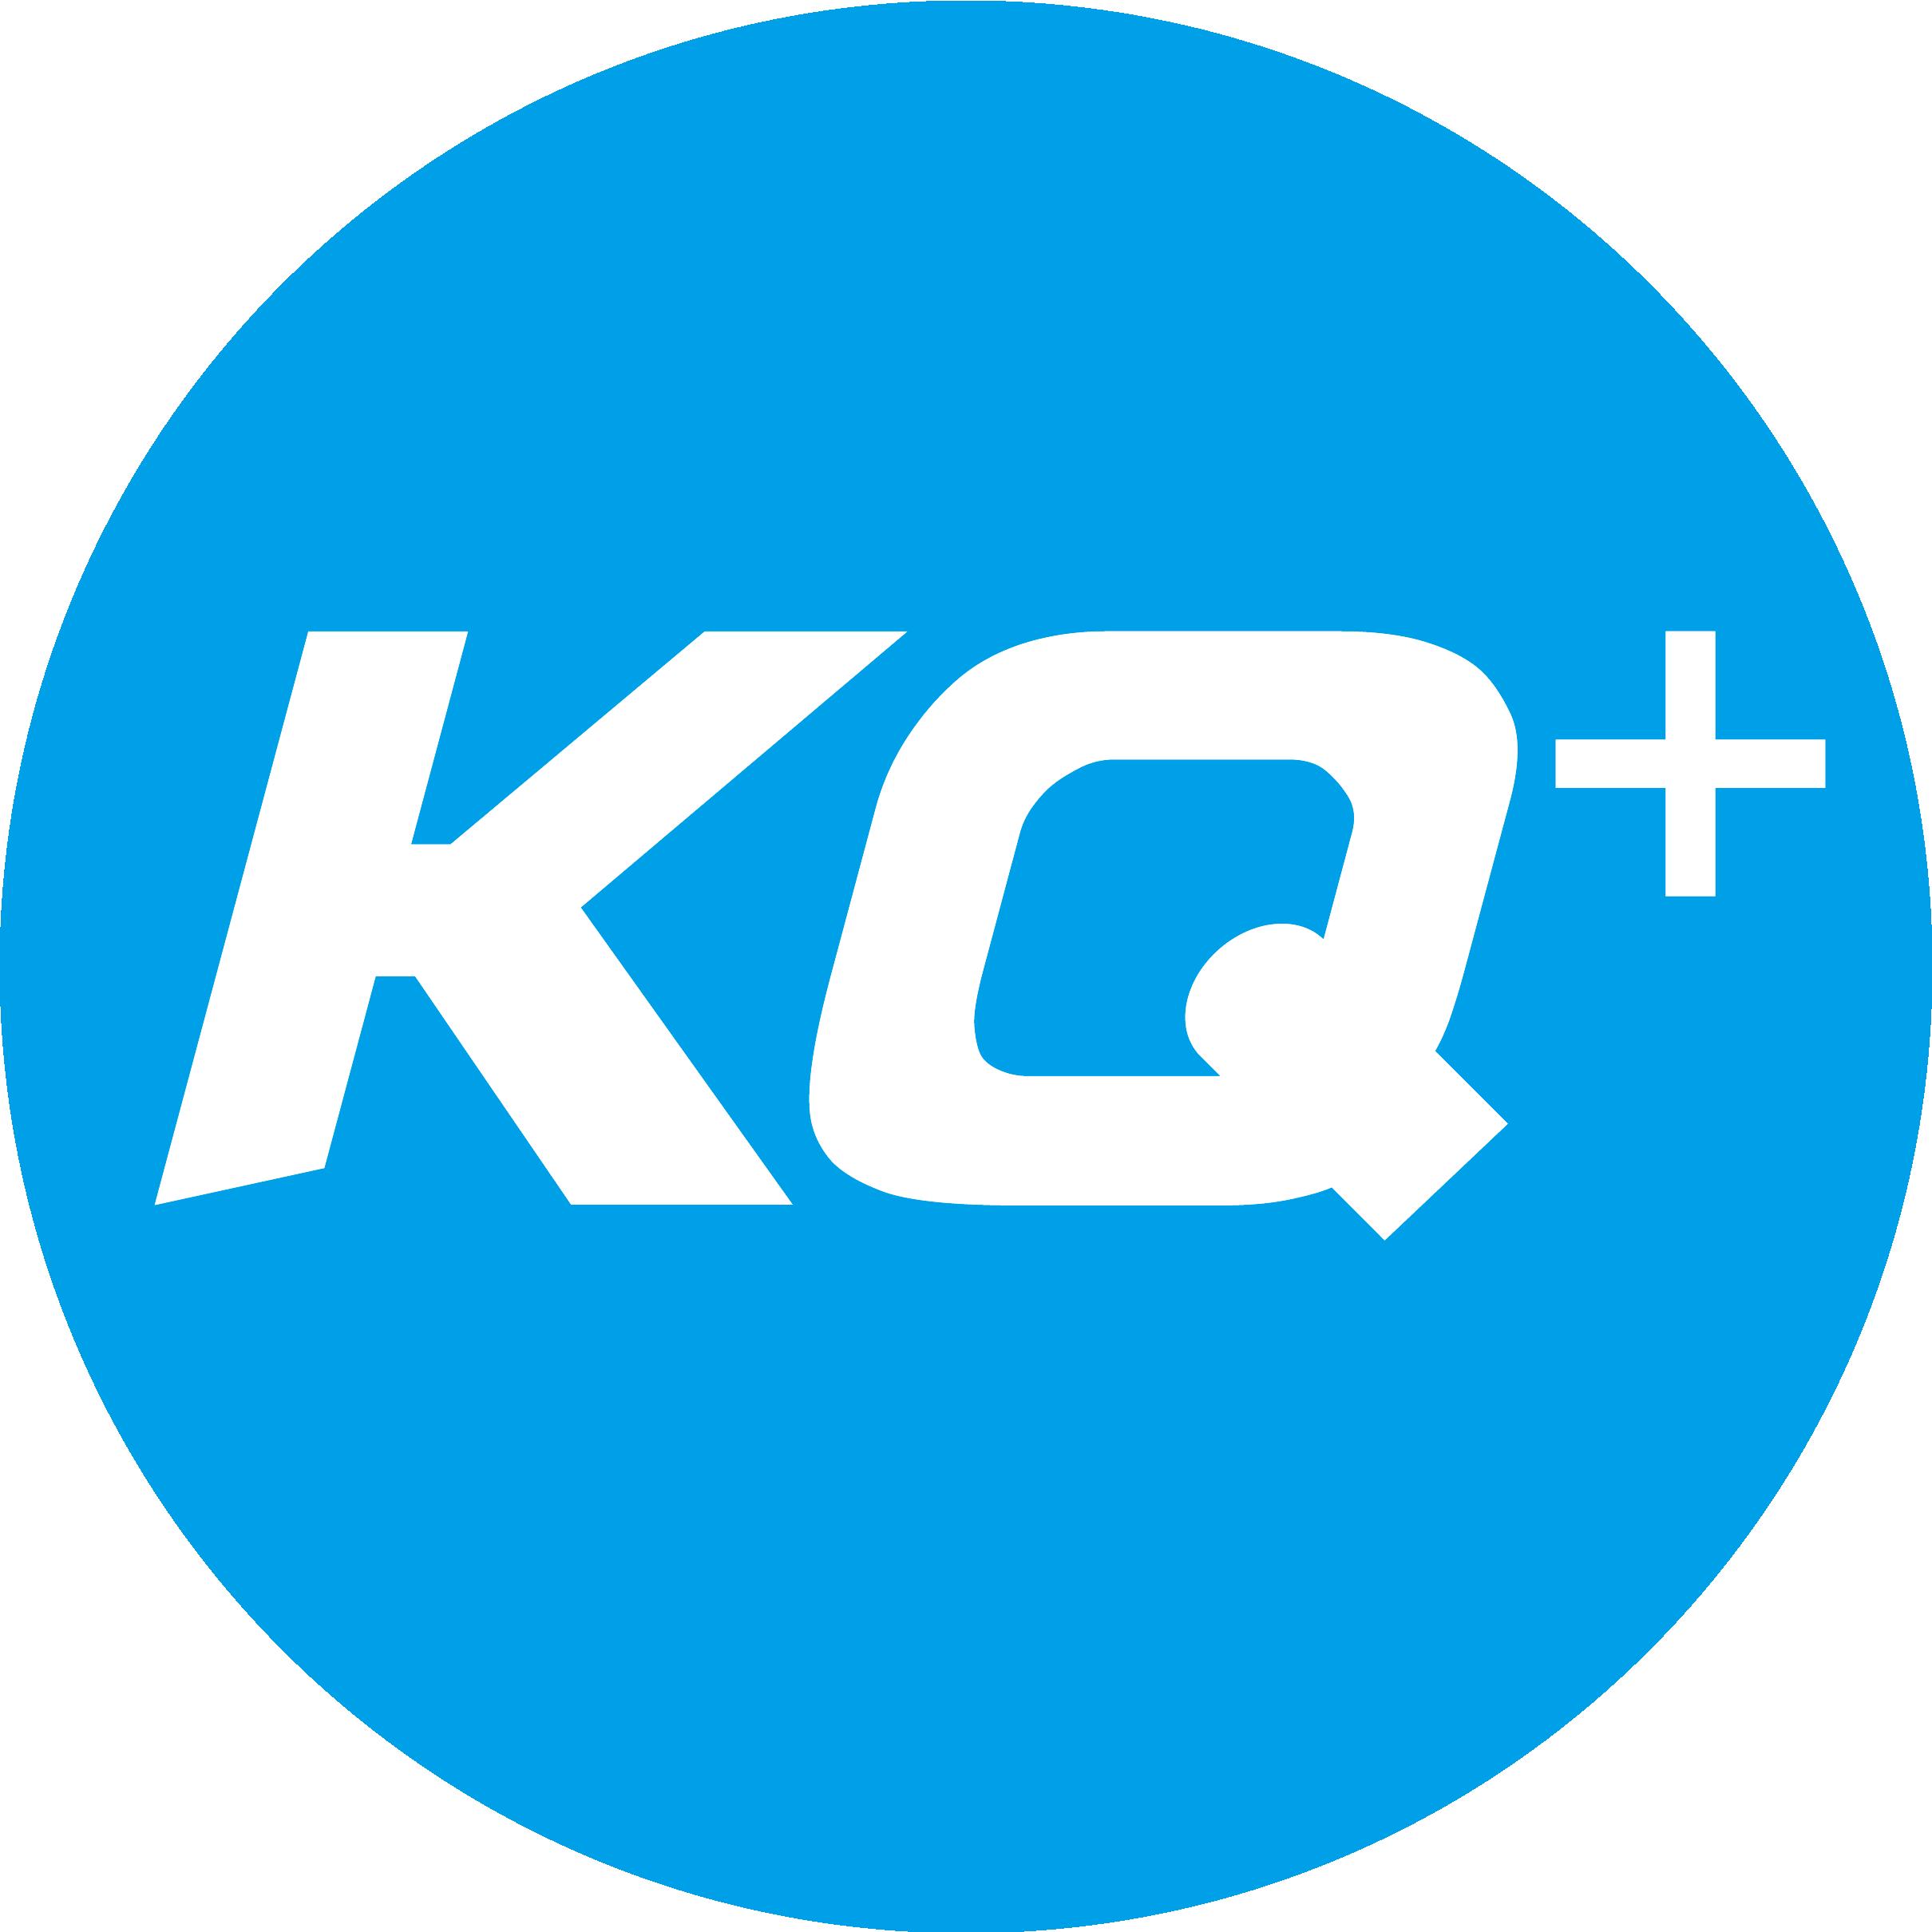 logo 标识 标志 设计 矢量 矢量图 素材 图标 2420_2420